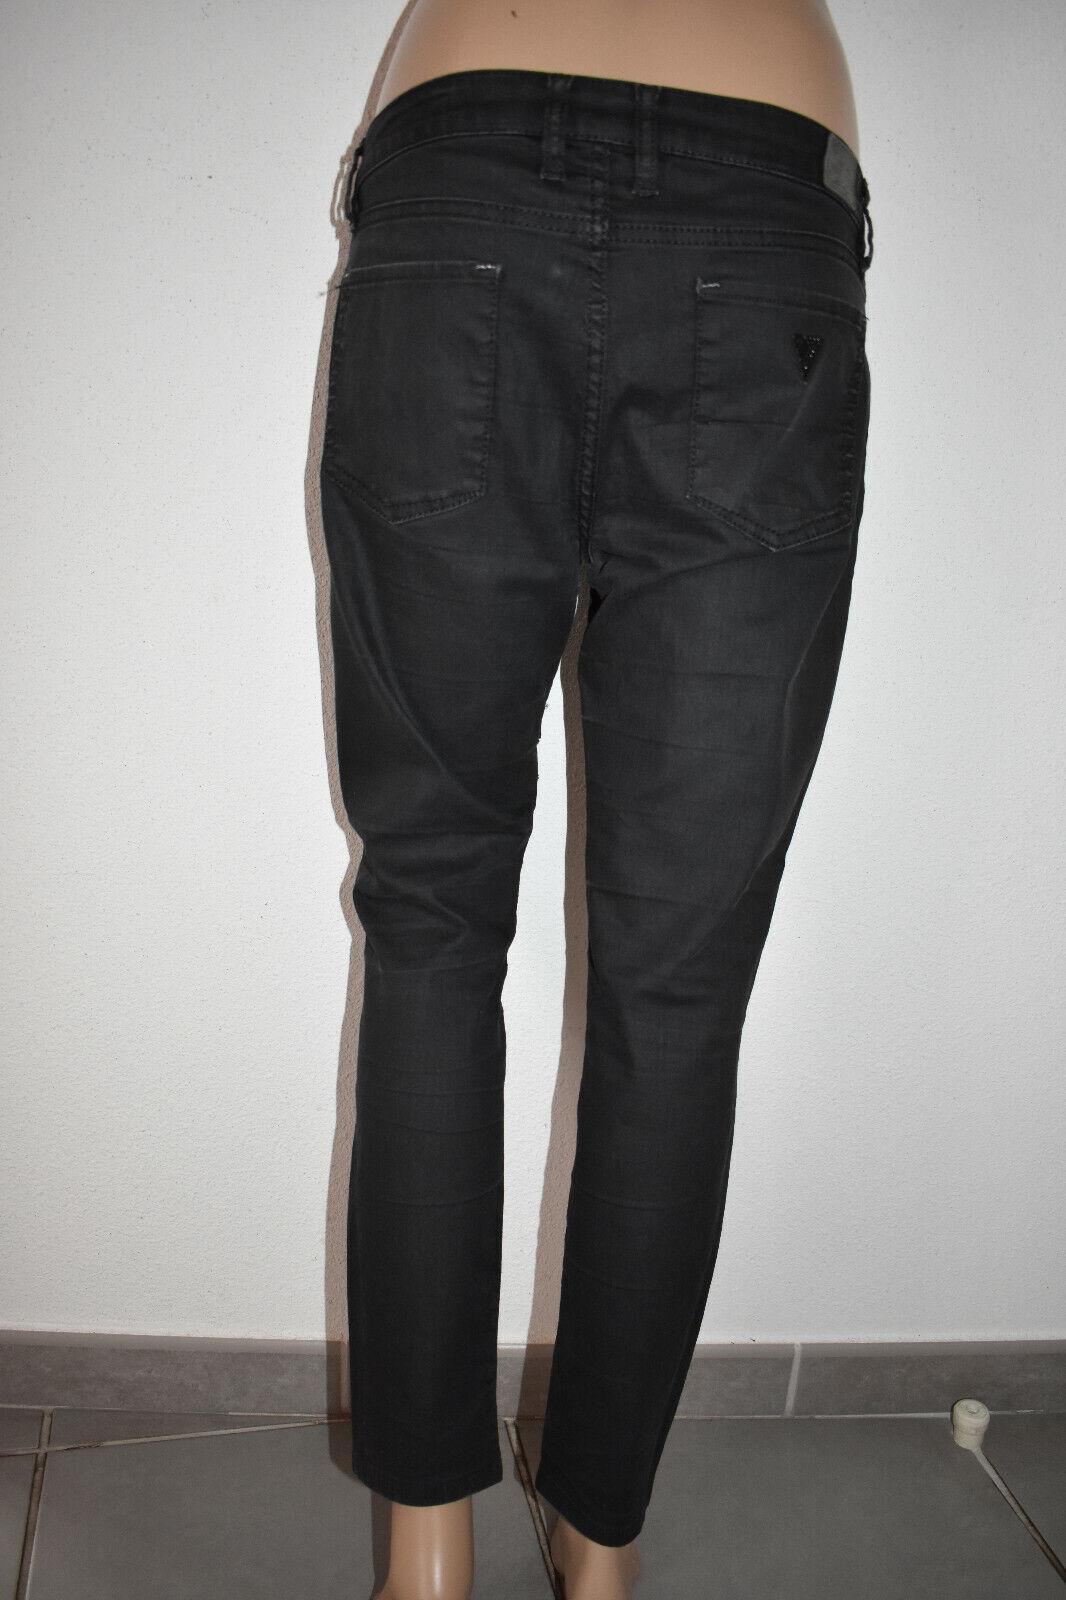 Guess femme jean annette skinny denim ciré noir gris 36-38-s / 29